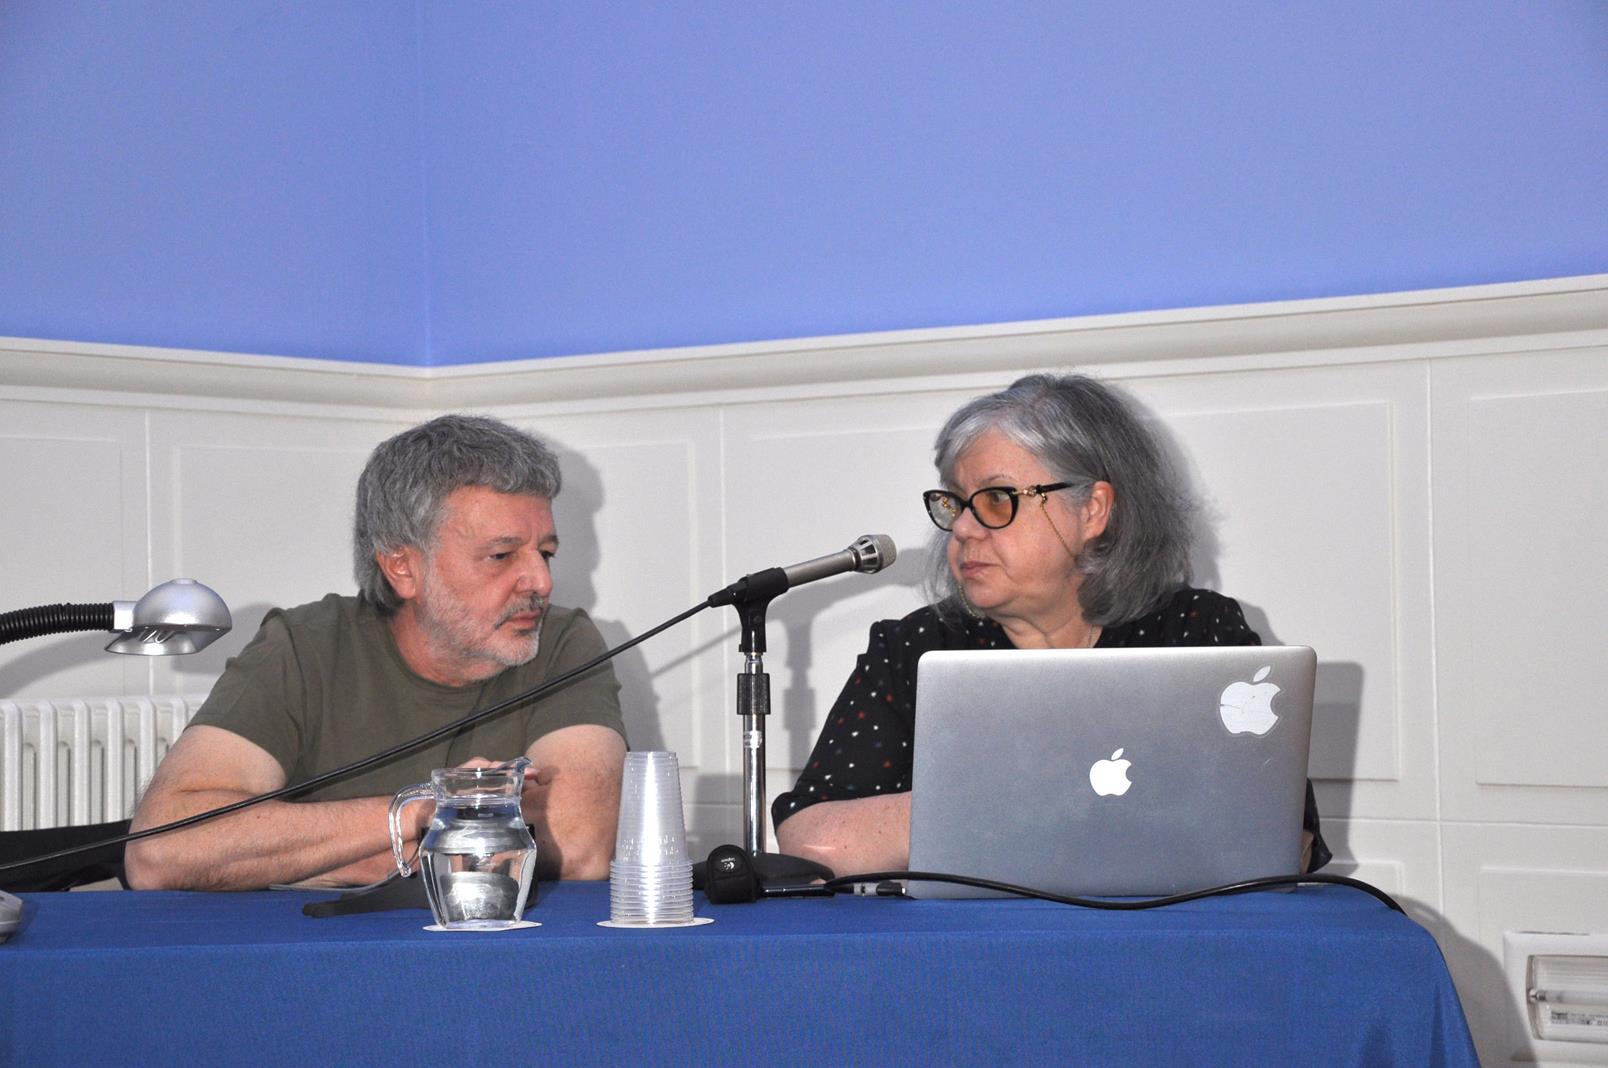 Juan José Sánchez y Yolanda Fernández-Barredo. Arquitectos y coleccionistas, Madrid. Ponencia, 25/10/19